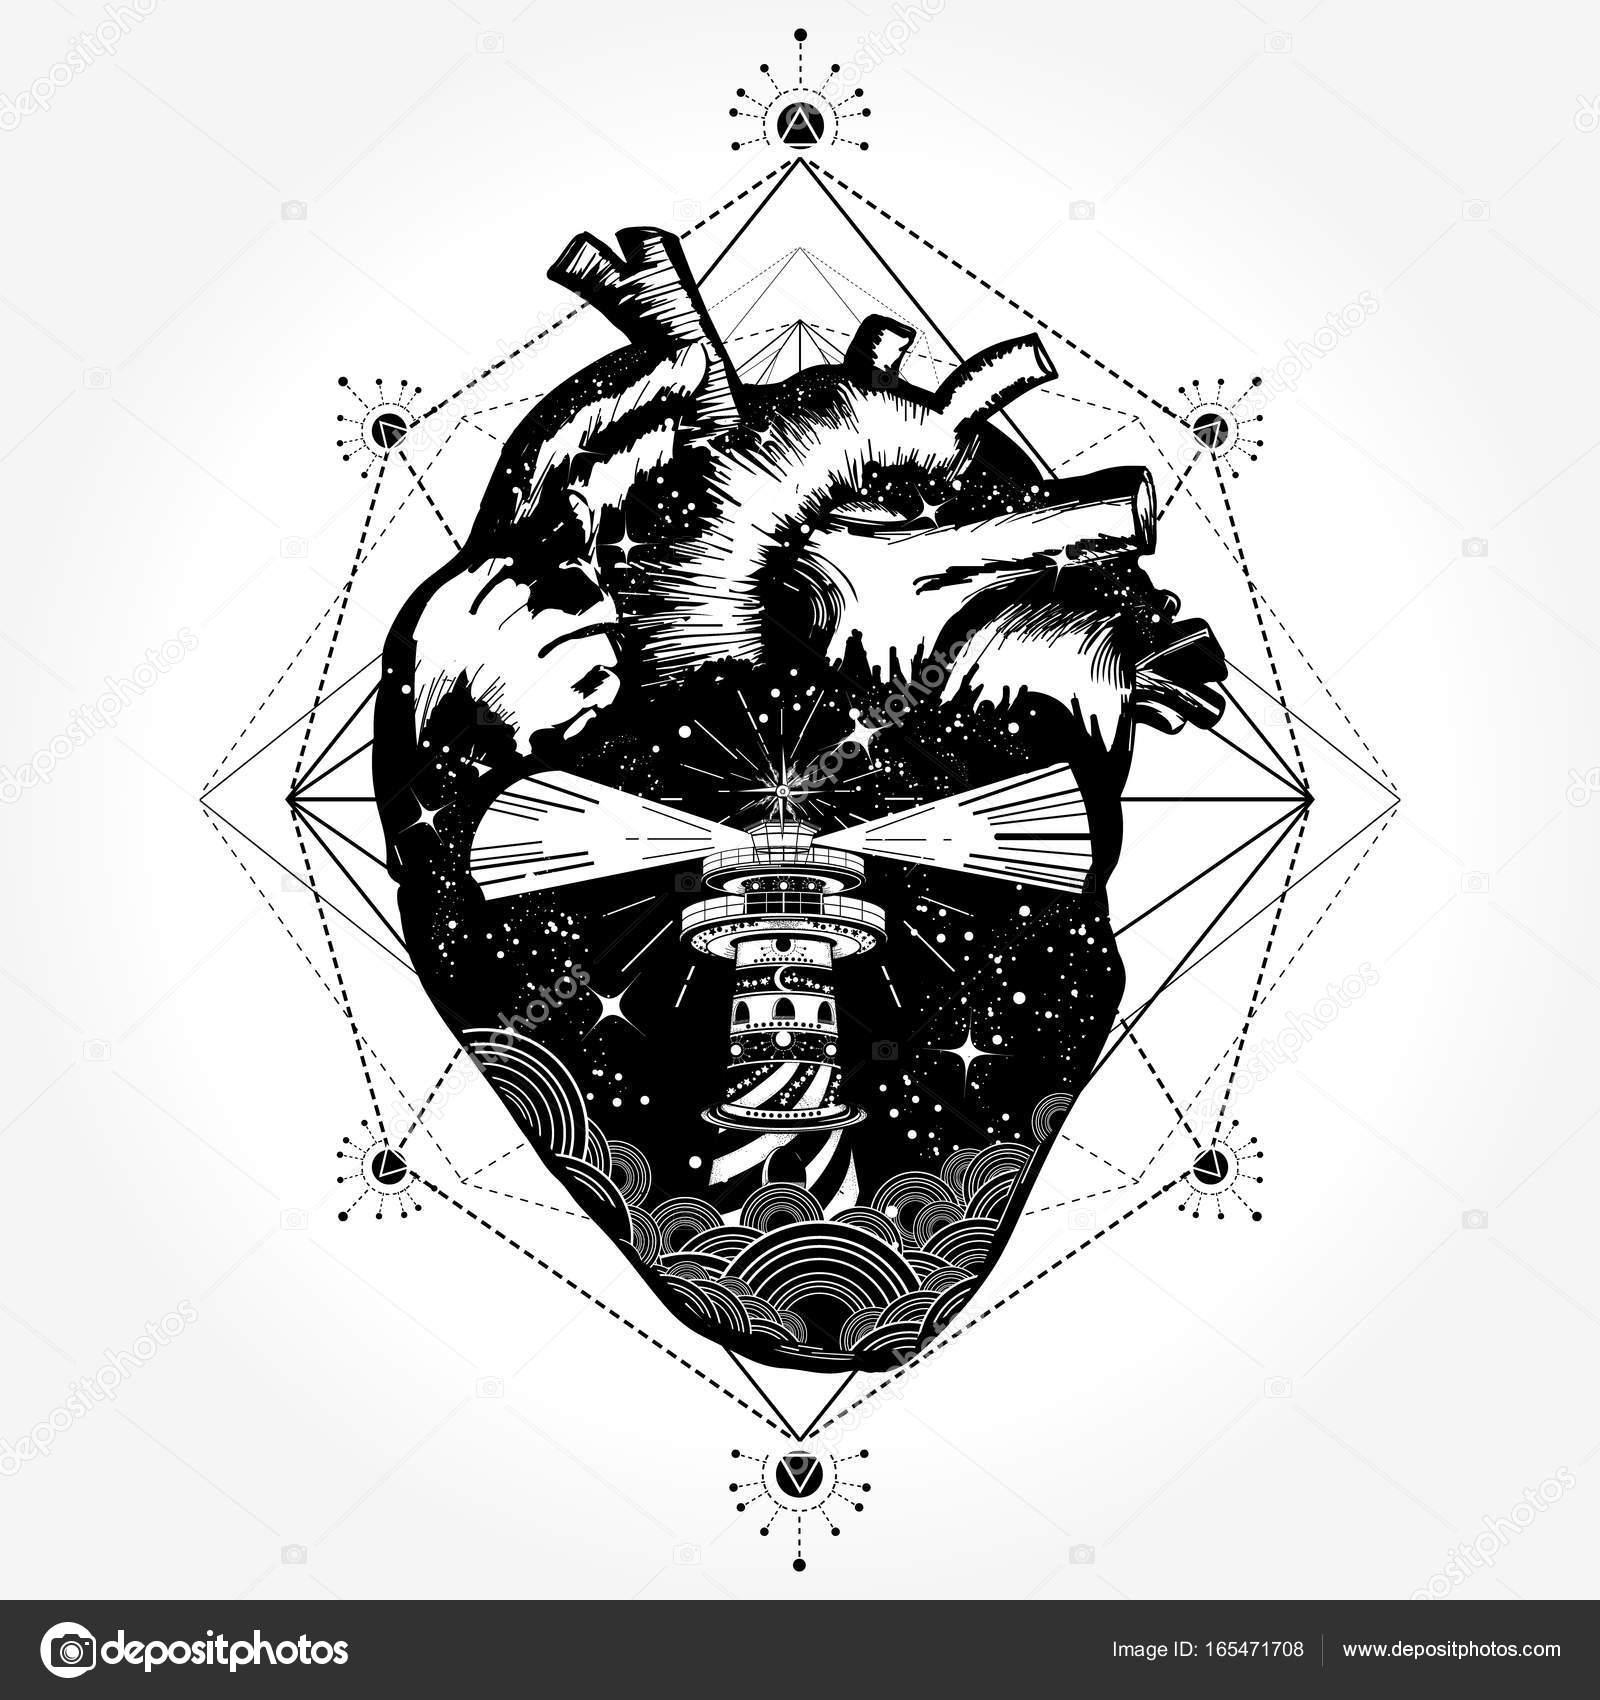 26ea40e9fa8e8 Heart tattoo and t-shirt design. Surreal anatomical heart tattoo boho  style, travel, outdoors. Love tattoo. Compass in the heart steampunk tattoo,  ...